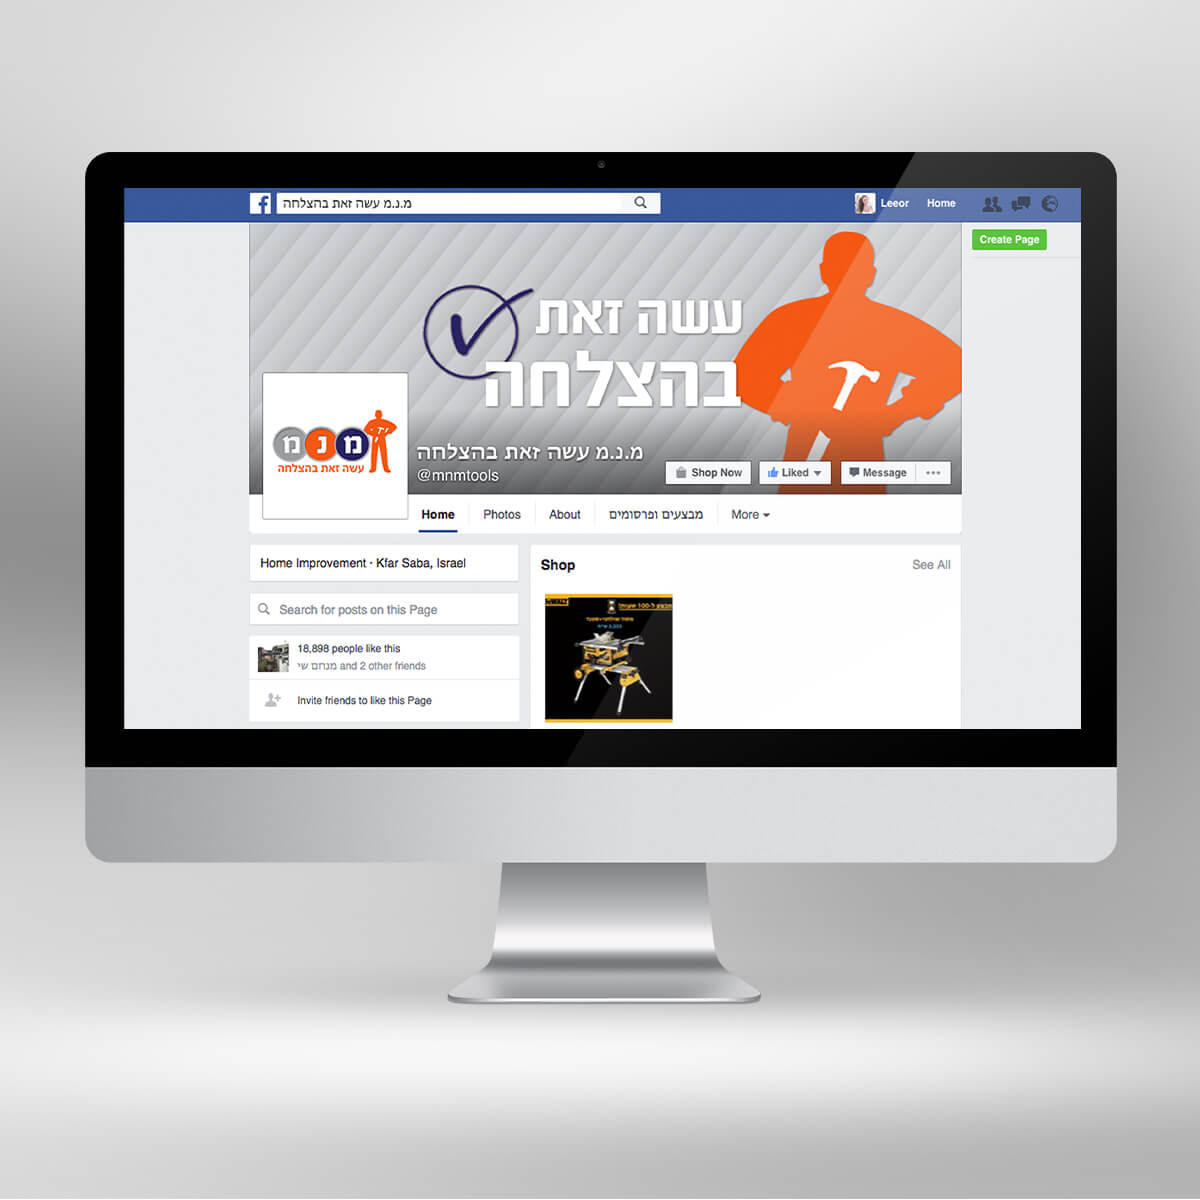 עיצוב תוכן שיווקי לרשתות חברתיות מ.נ.מ עשה זאת בהצלחה | ליאור דקל ליבה